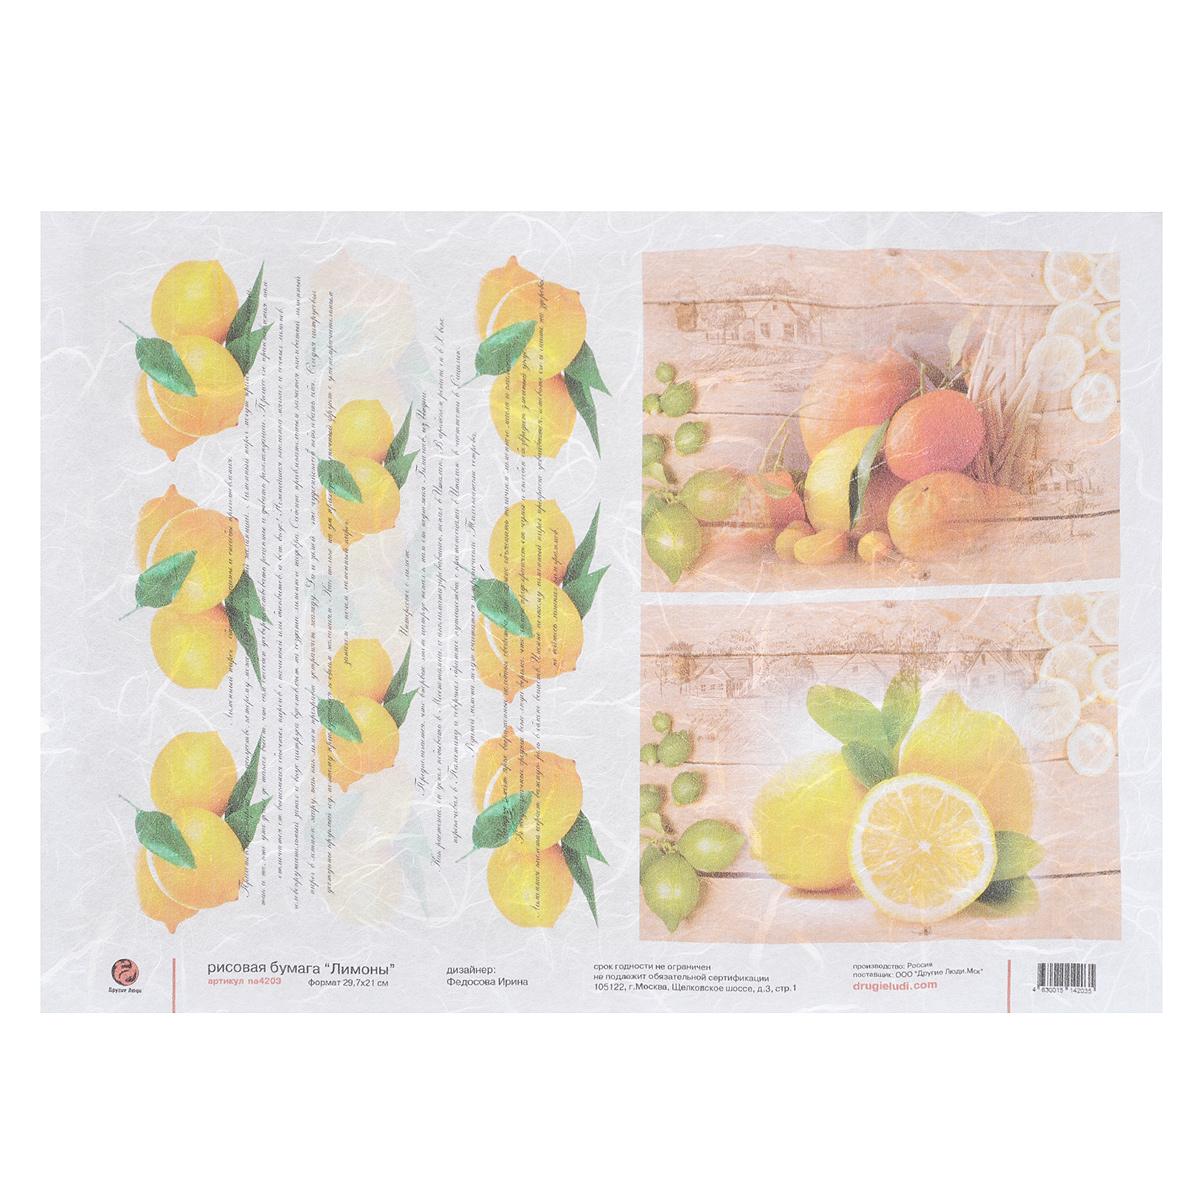 Рисовая бумага для декупажа А4 Лимоны, 29,7 х 21 смna4203Рисовая бумага для декупажа имеет в составе прожилки риса, которые очень красиво смотрятся на декорируемом изделии, придают ему неповторимую фактуру и создают эффект нанесенного кистью рисунка. Рисовая бумага легко повторяет форму предметов. Подходит для декора в технике декупаж на стекле, дереве, пластике, металле и любых других поверхностях. Не требует замачивания. Приклеивается путем нанесения клея поверх бумаги по направлению от центра к краям. Мотивы рисунка можно вырезать ножницами либо вырывать руками. Так же используется в технике скрапбукинг для декора страниц и обложек альбомов. Бумагу можно пристрачивать на швейной машине. Декупаж - техника декорирования различных предметов, основанная на присоединении рисунка, картины или орнамента (обычного вырезанного) к предмету, и, далее, покрытии полученной композиции лаком ради эффектности, сохранности и долговечности. Плотность: 20 г/м. Формат: А4.